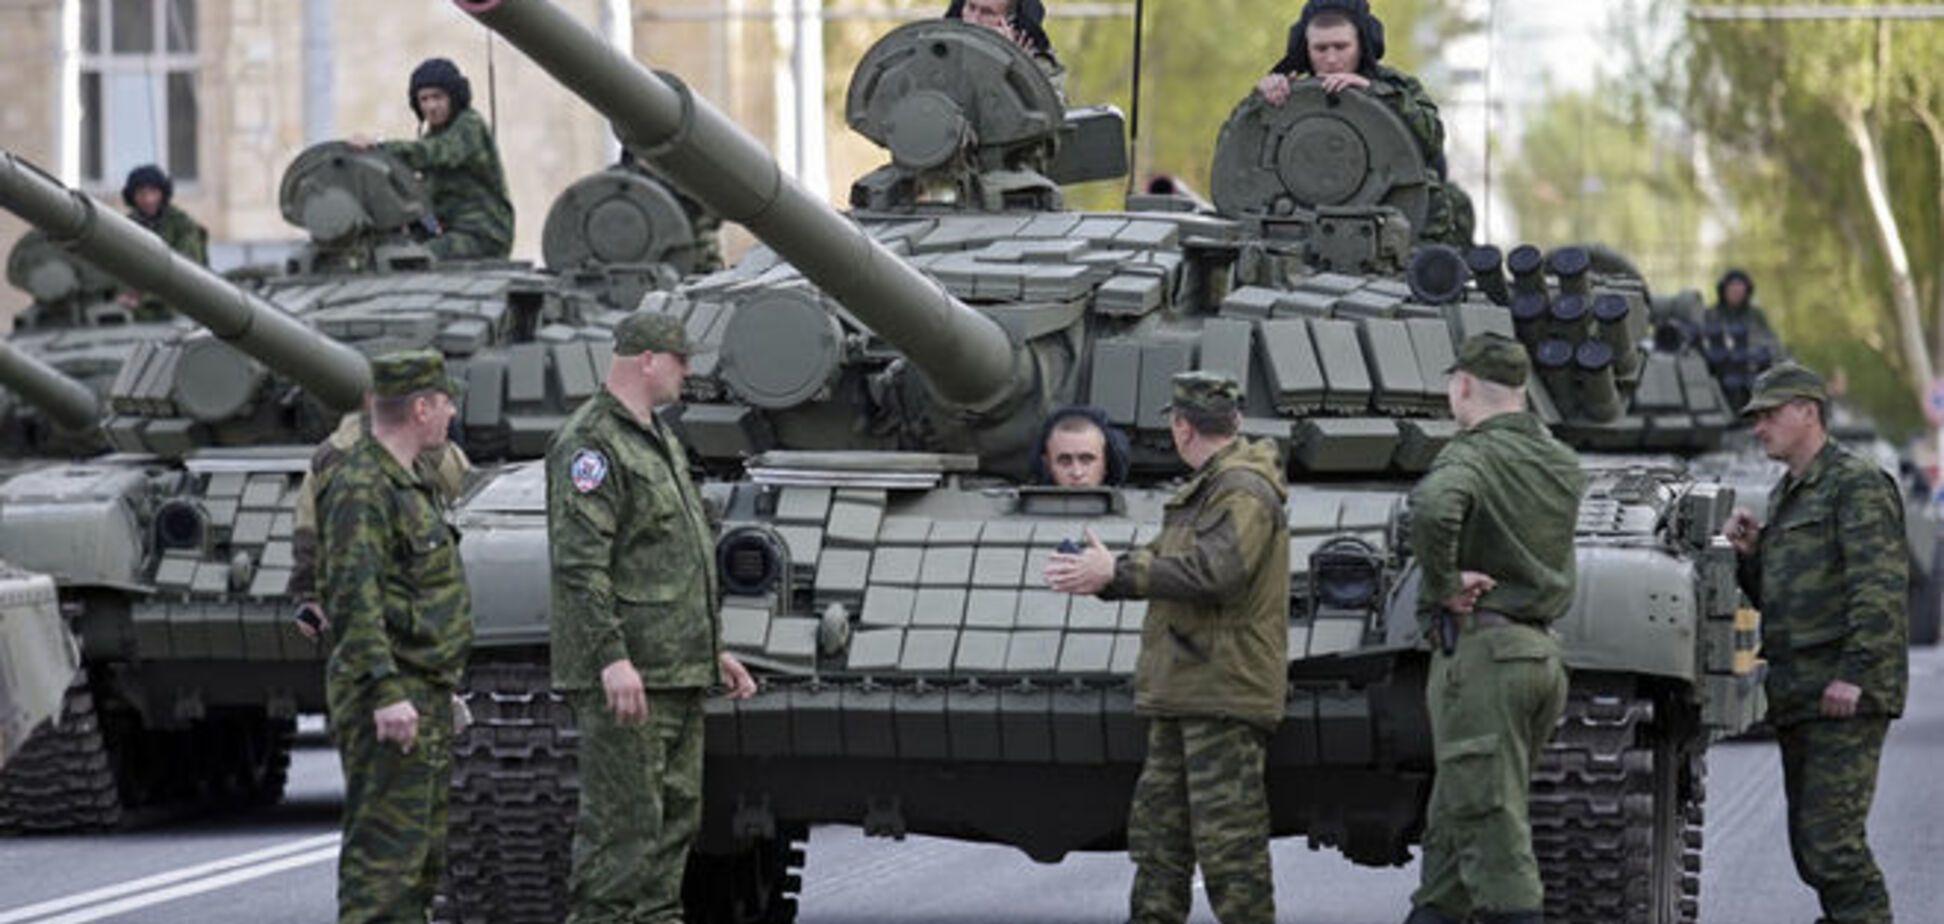 В атаке на Марьинку участвовали 1000 боевиков и 30 танков - представитель Украины при ООН